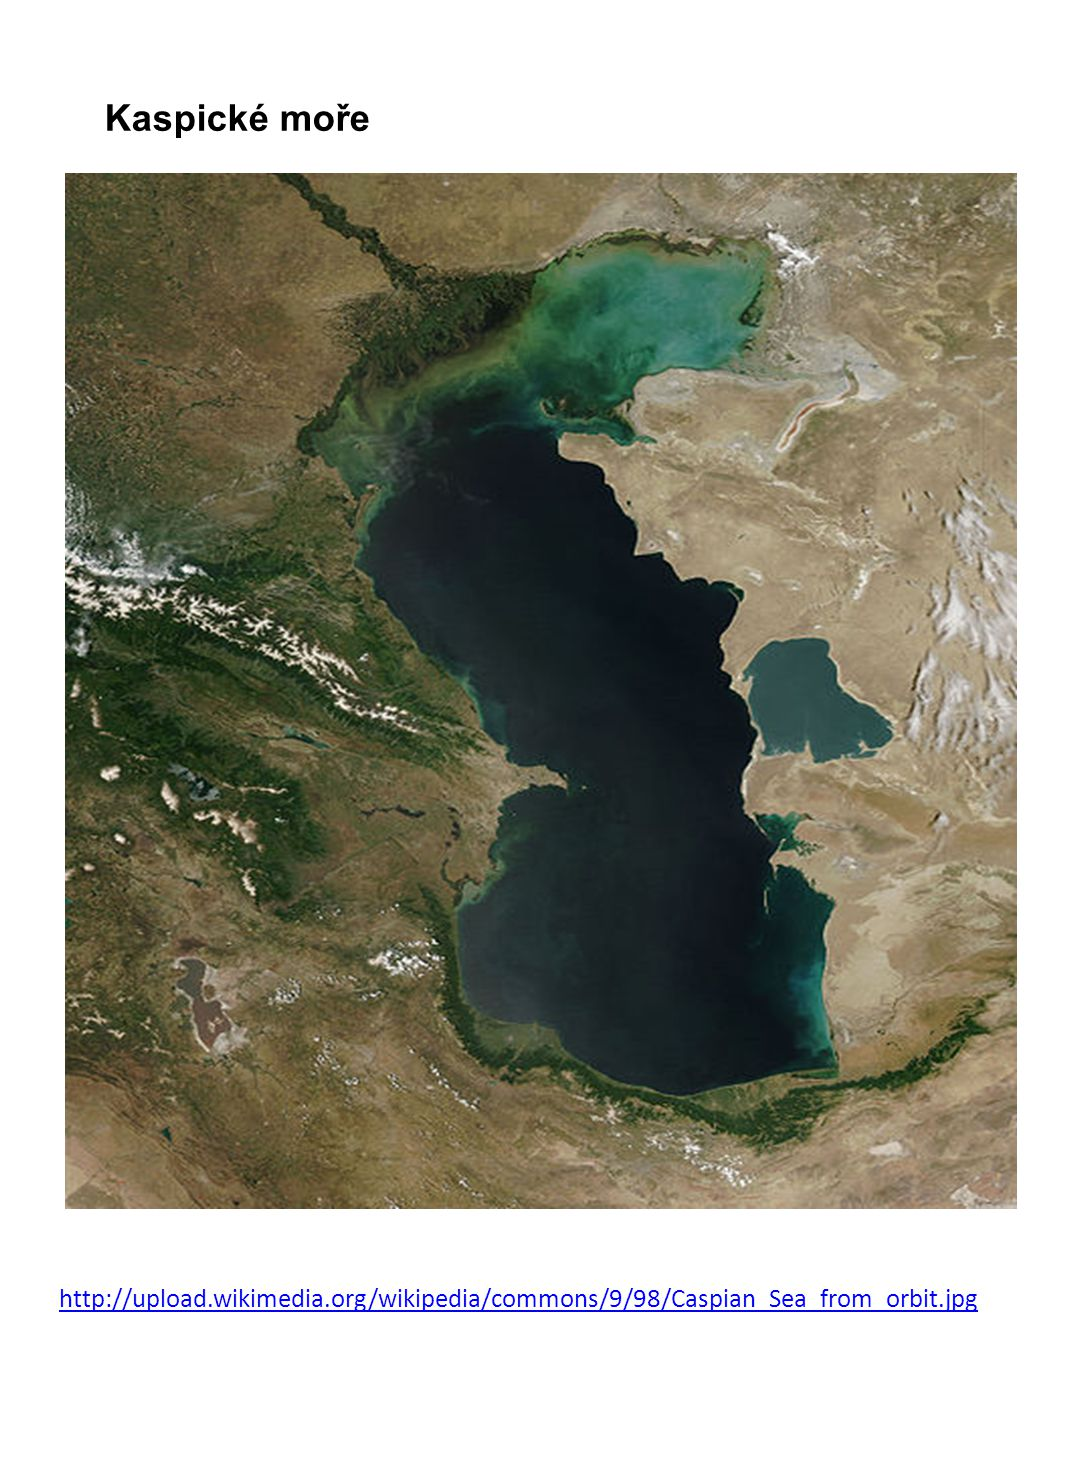 Velká kanadská jezera http://upload.wikimedia.org/wikipedia/commons/a/af/Grlakes_lawrence_map.png